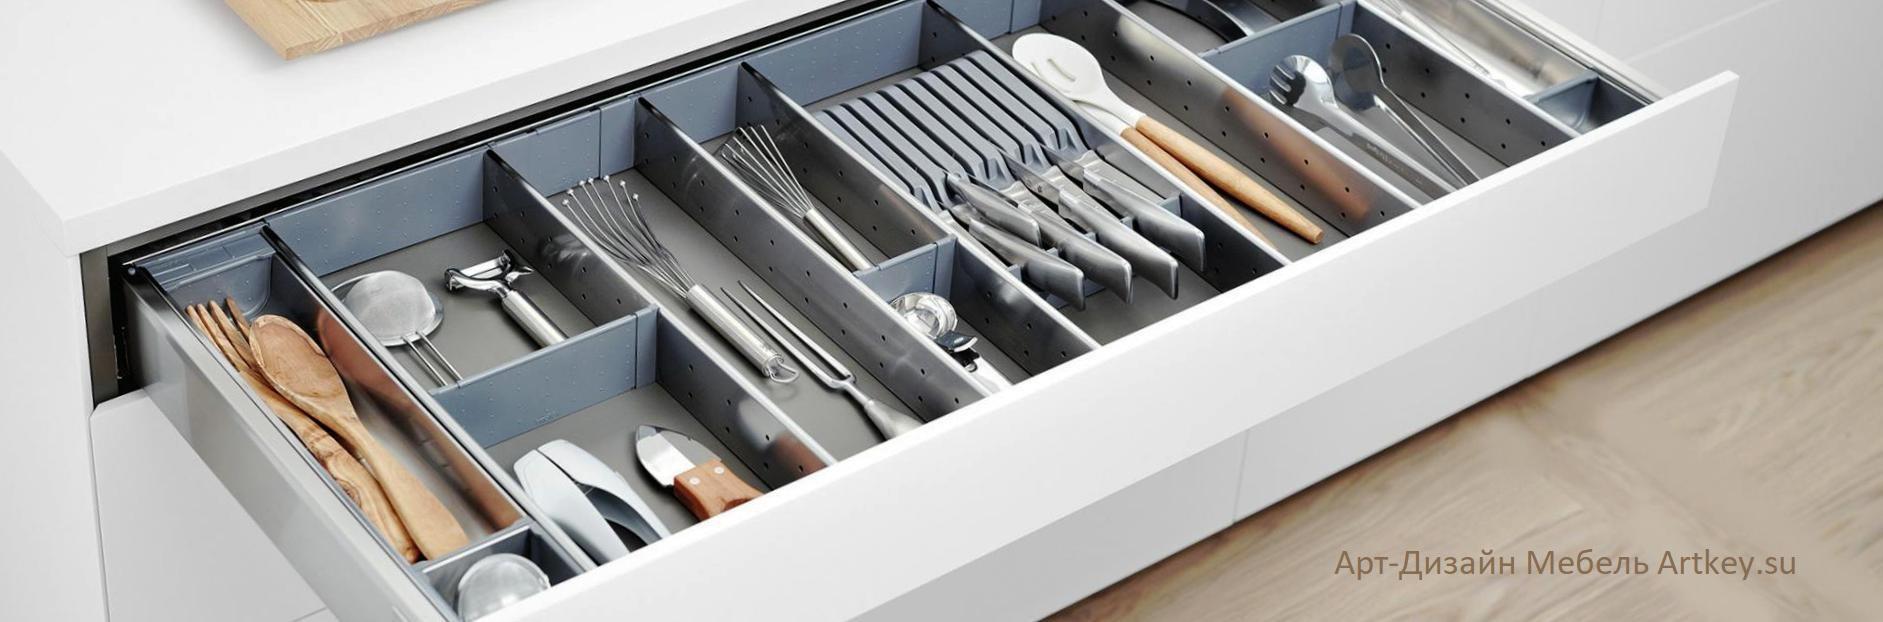 Какая используется фурнитура при изготовлении шкафов купе и кухонной мебели